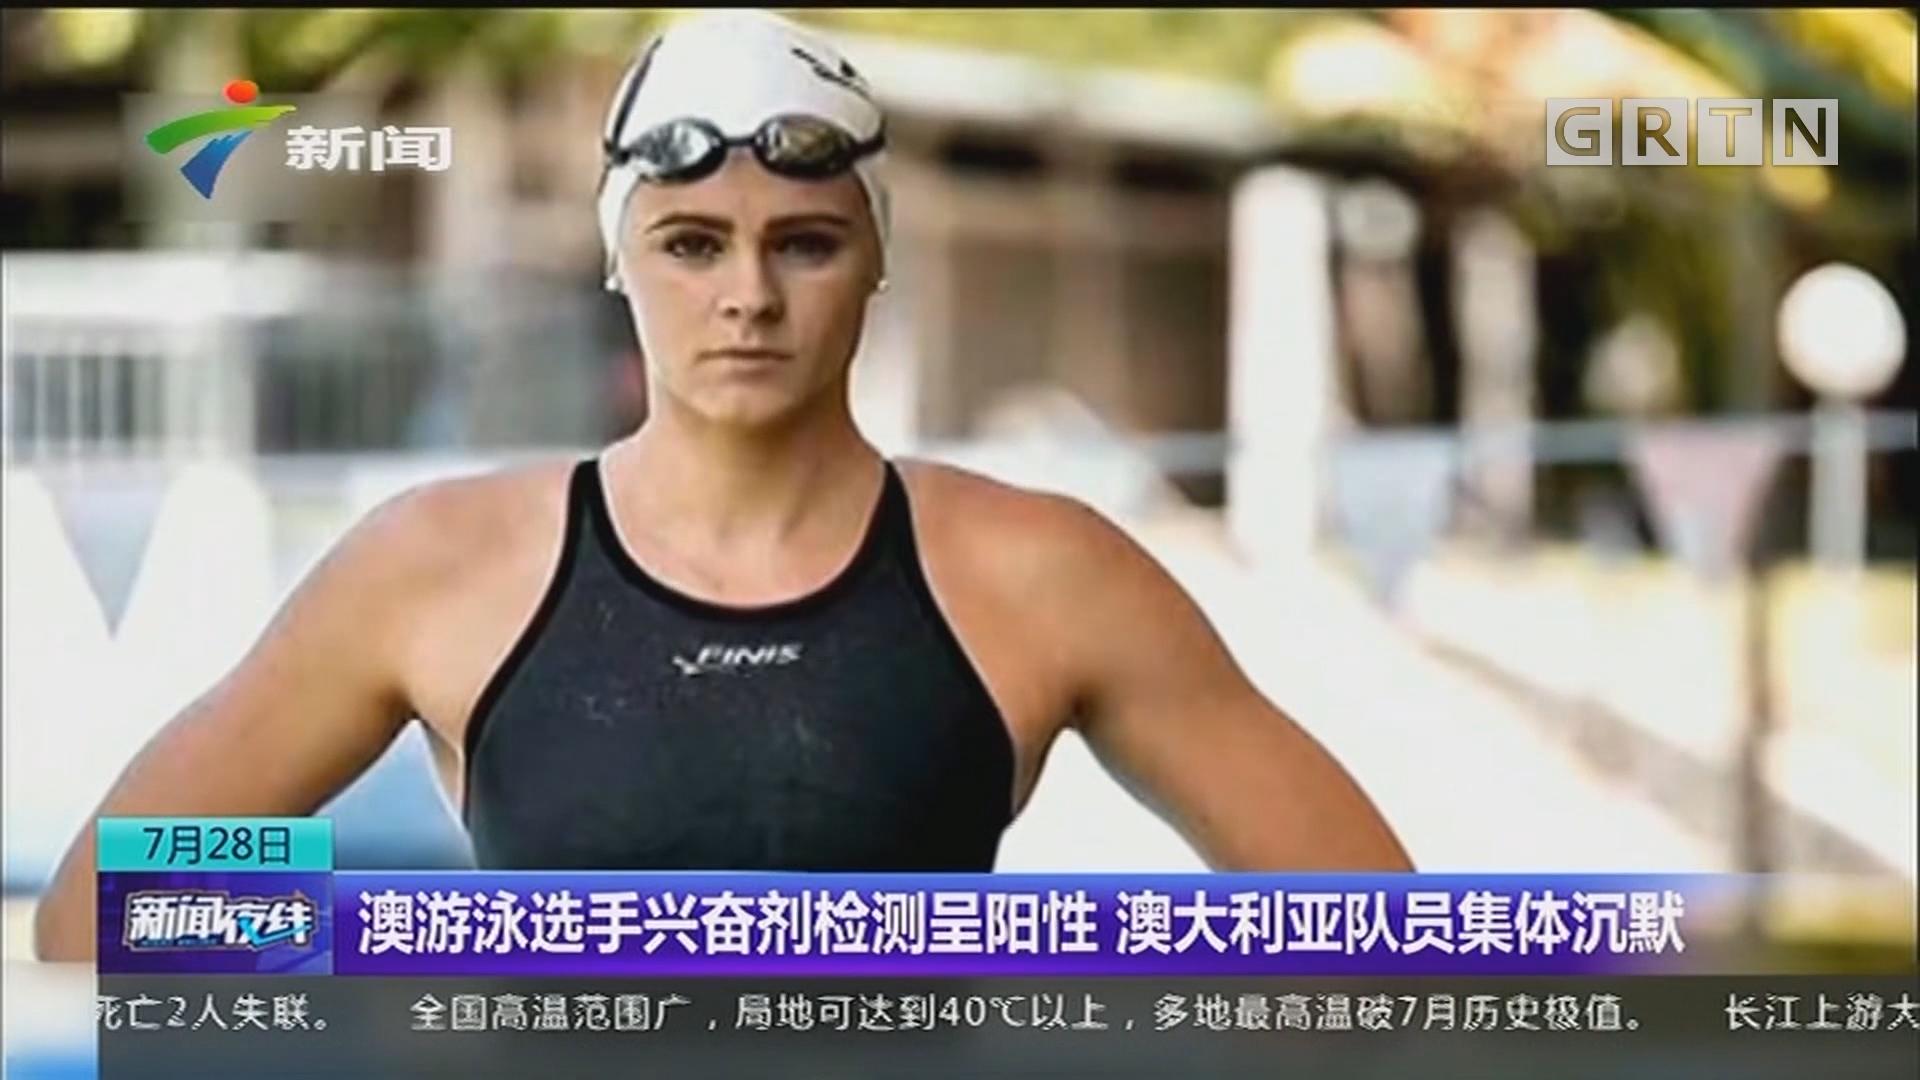 澳游泳选手兴奋剂检测呈阳性 澳大利亚队员集体沉默